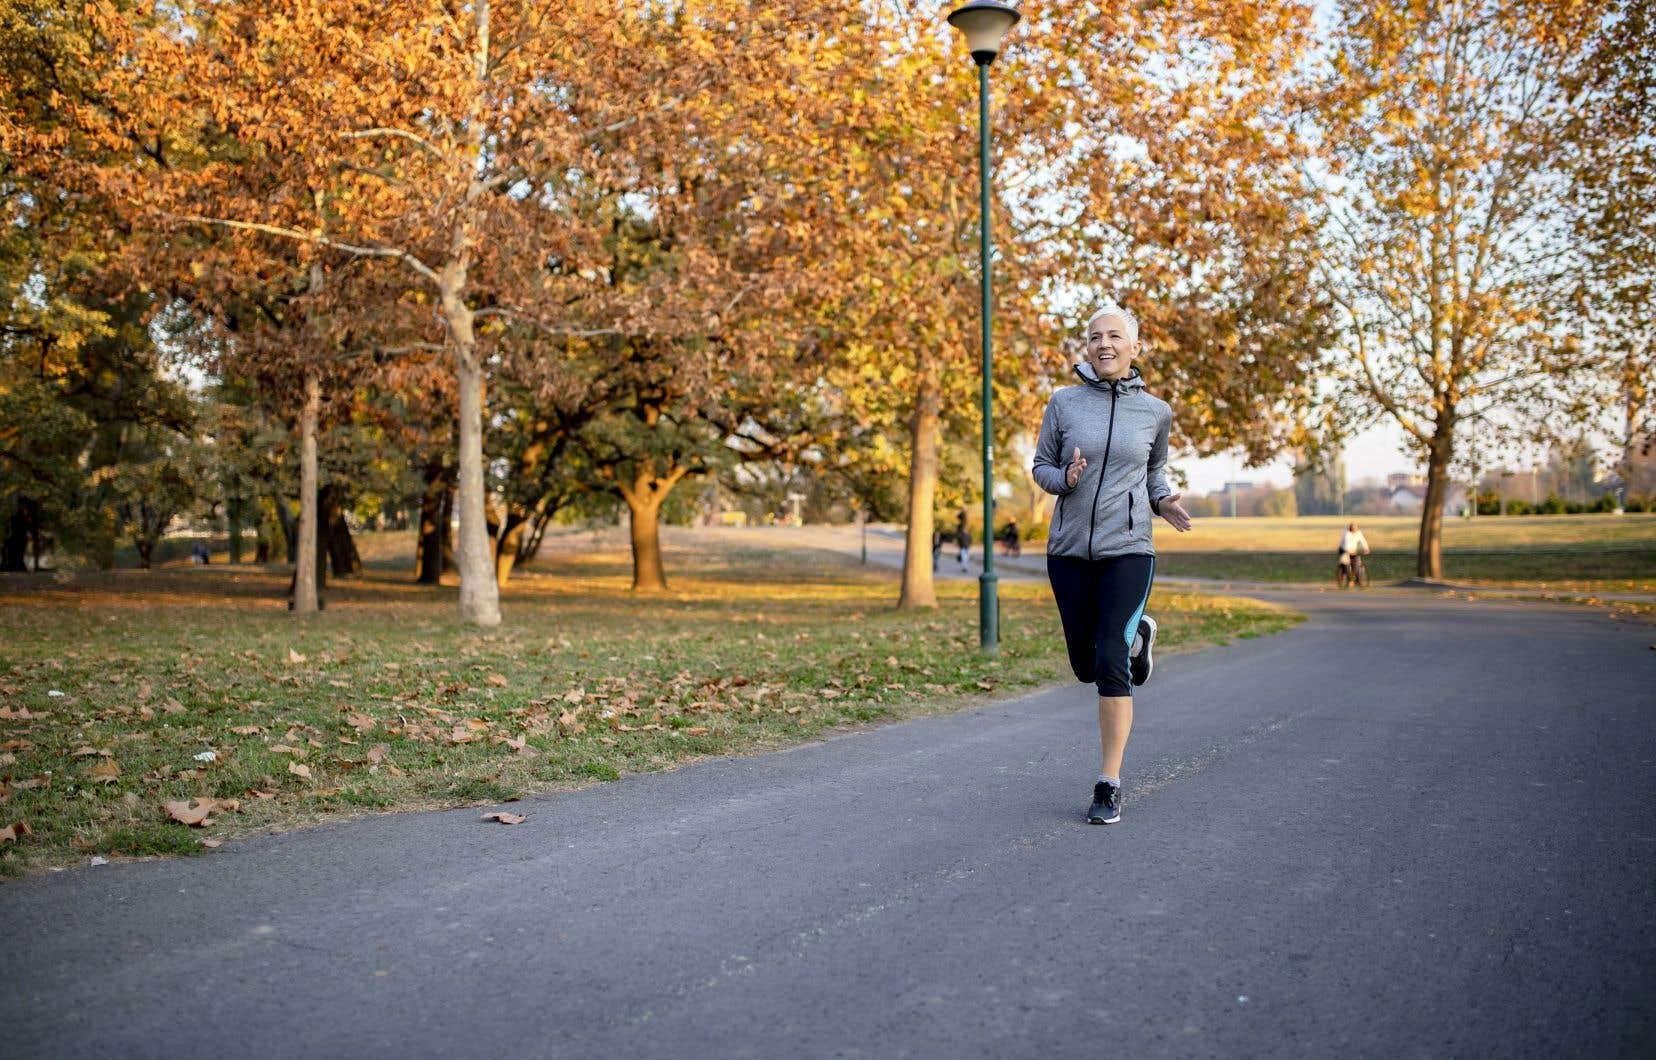 En pratiquant des exercices physiques et cognitifs, il est possible de contrer les effets du vieillissement, croit Denis Fortier.